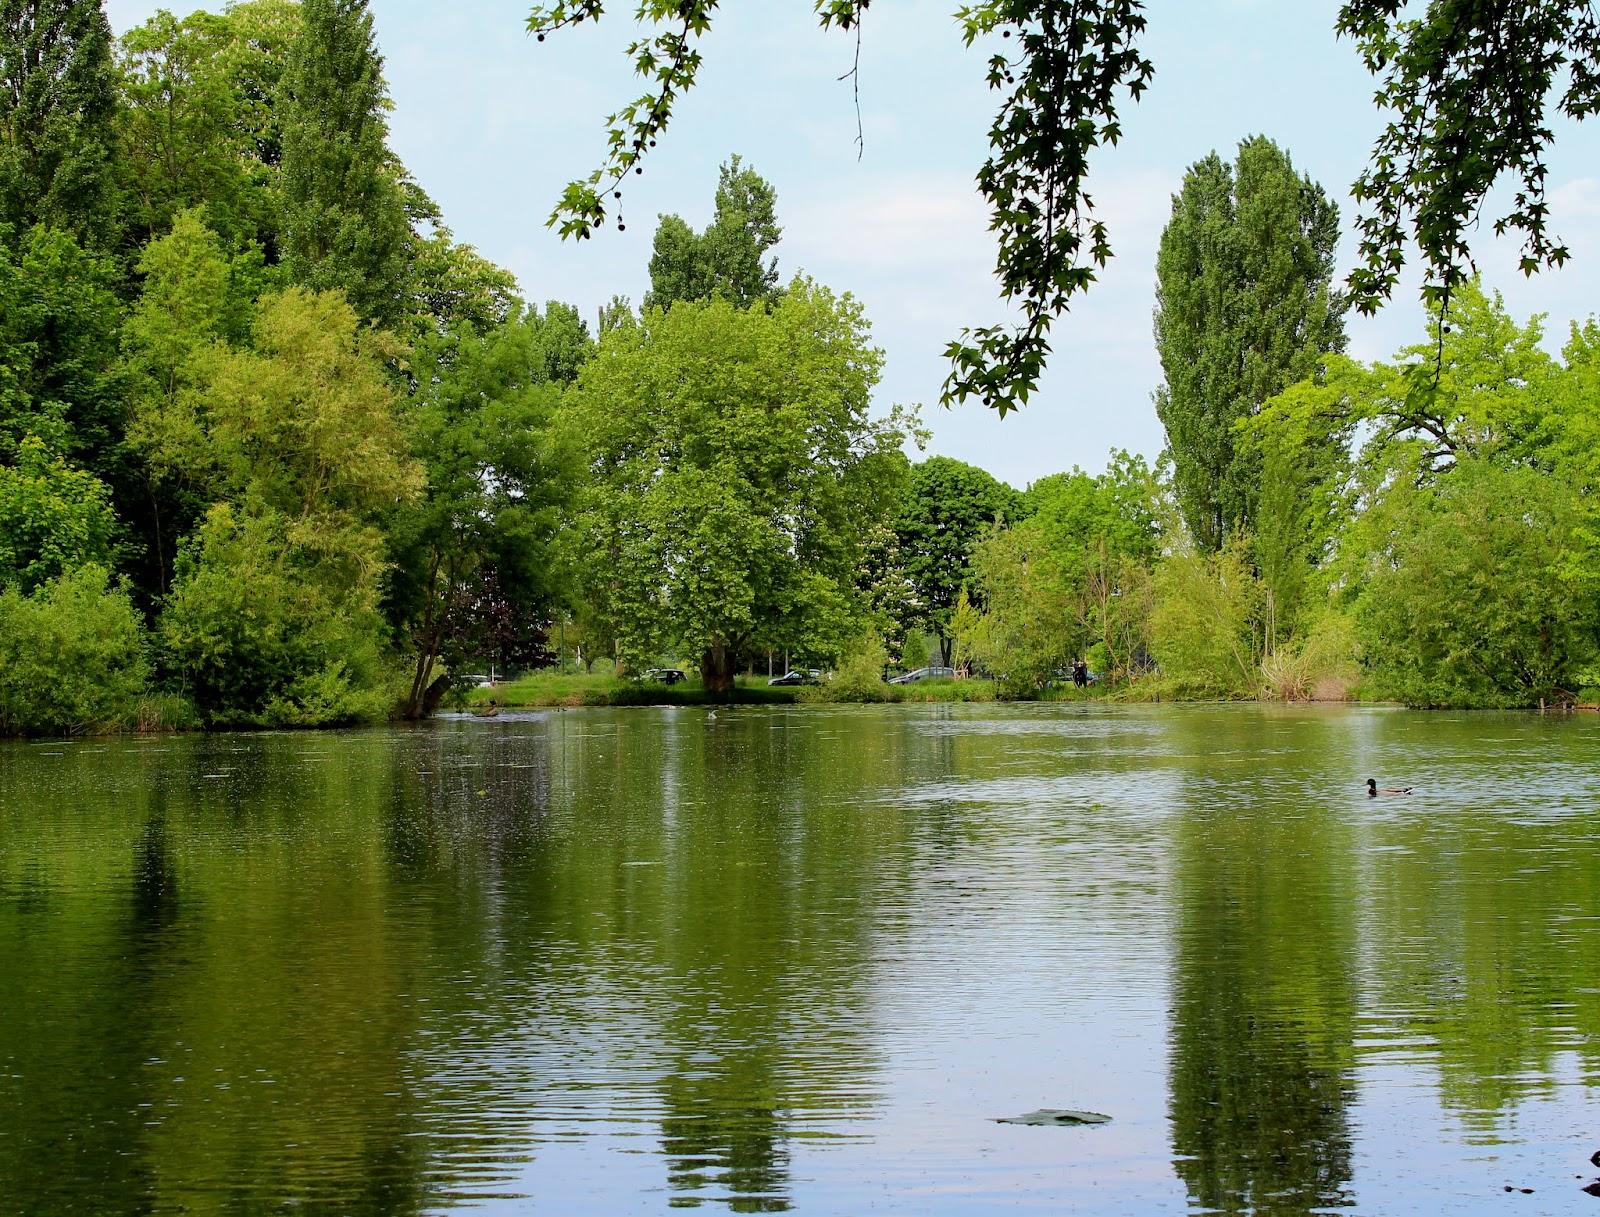 La Clairiere Bois De Boulogne - Sojourn in Paris The Bois de Boulogne Disaster